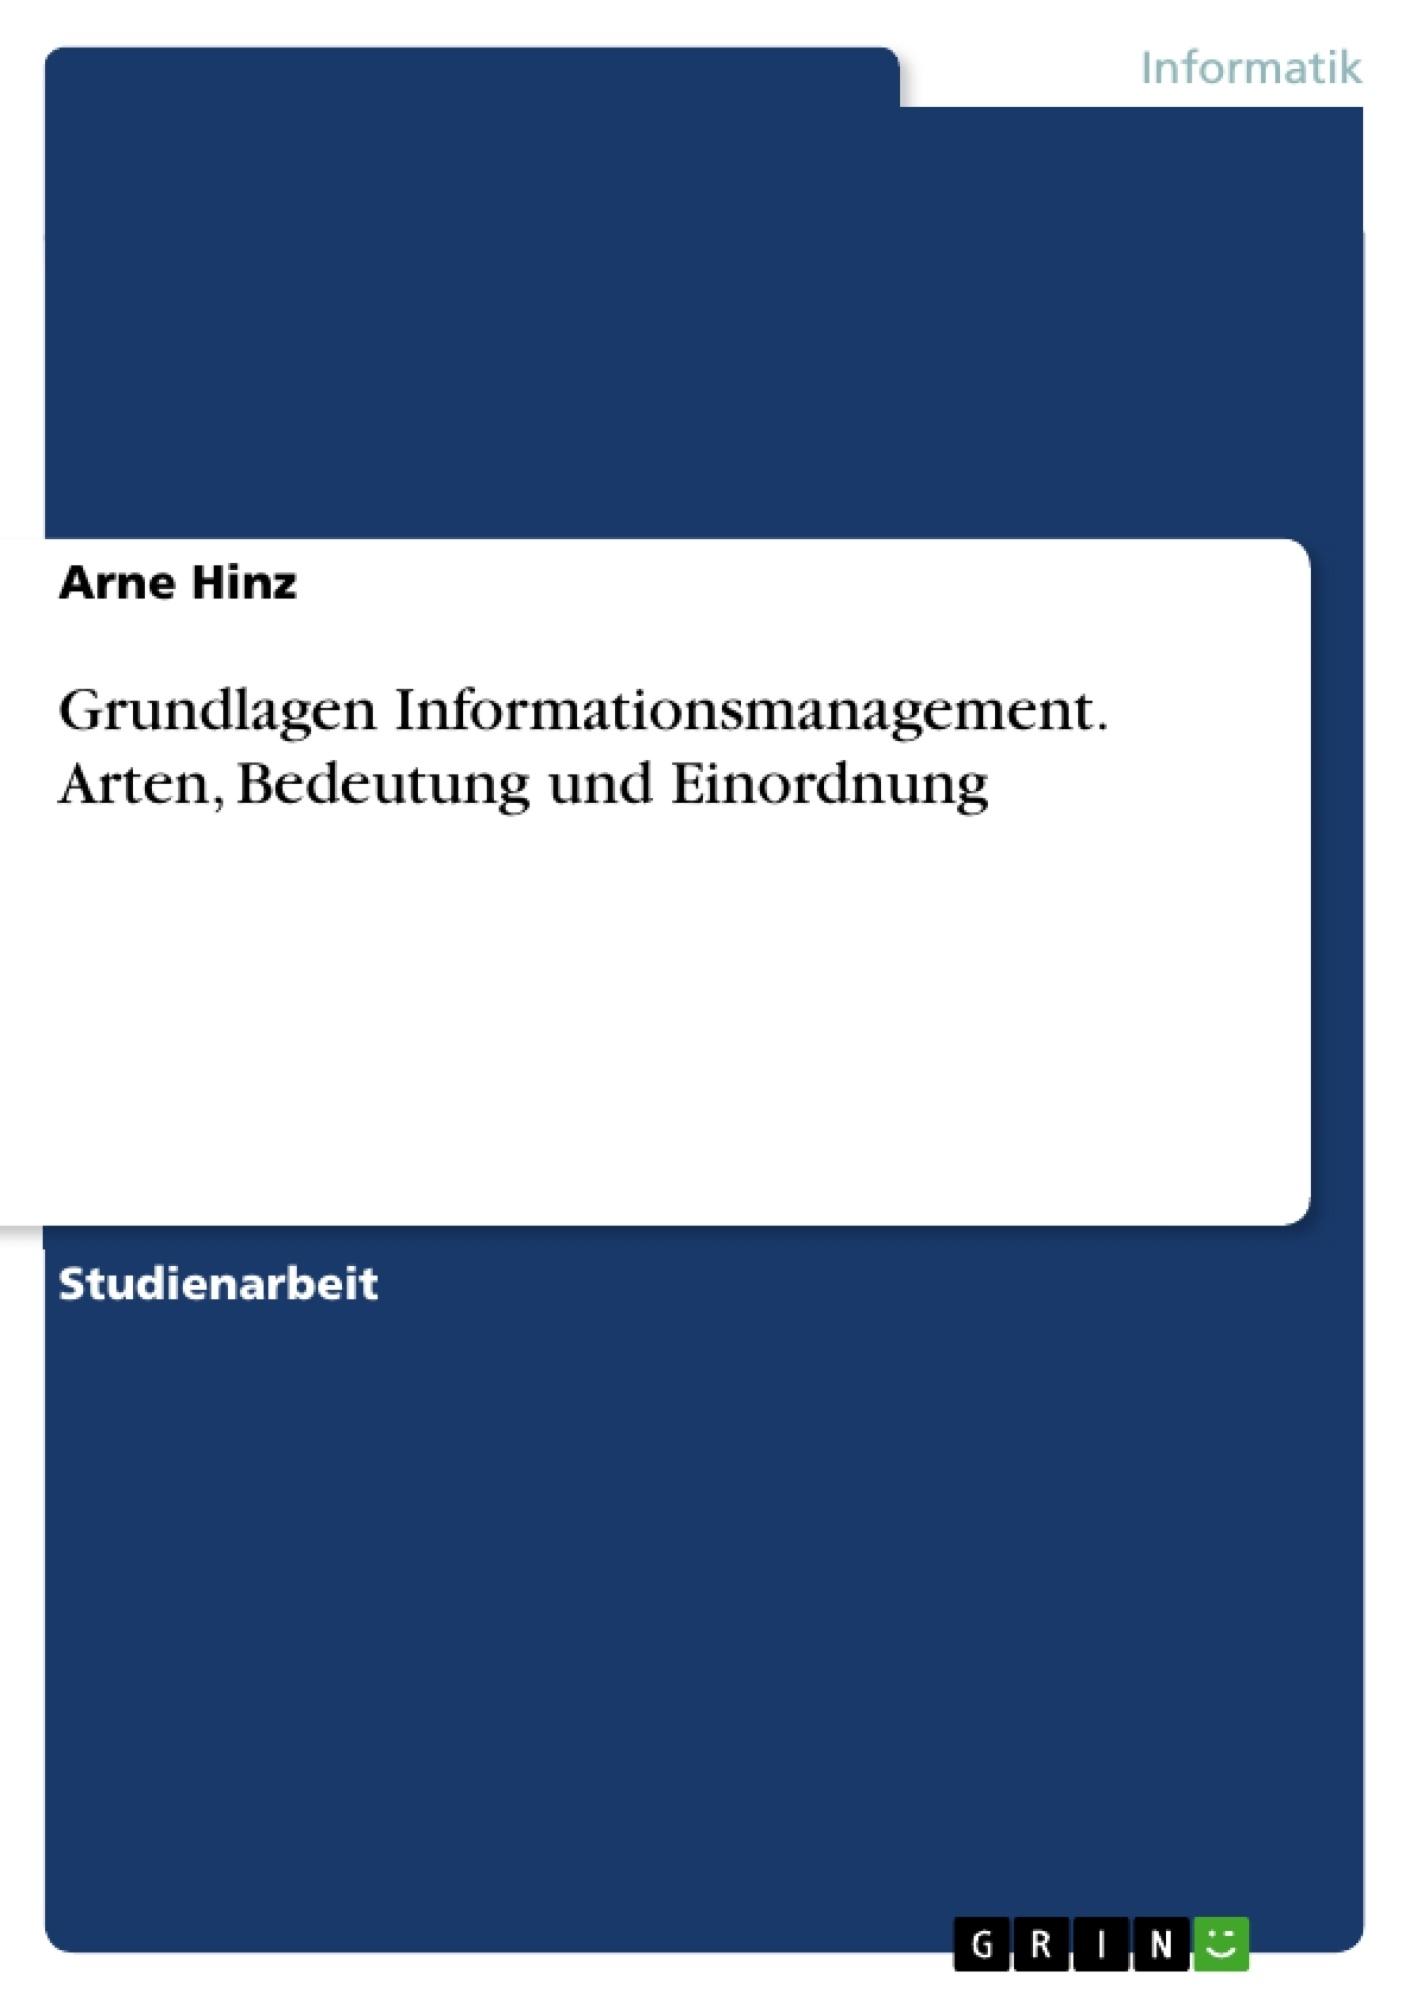 Titel: Grundlagen Informationsmanagement. Arten, Bedeutung und Einordnung